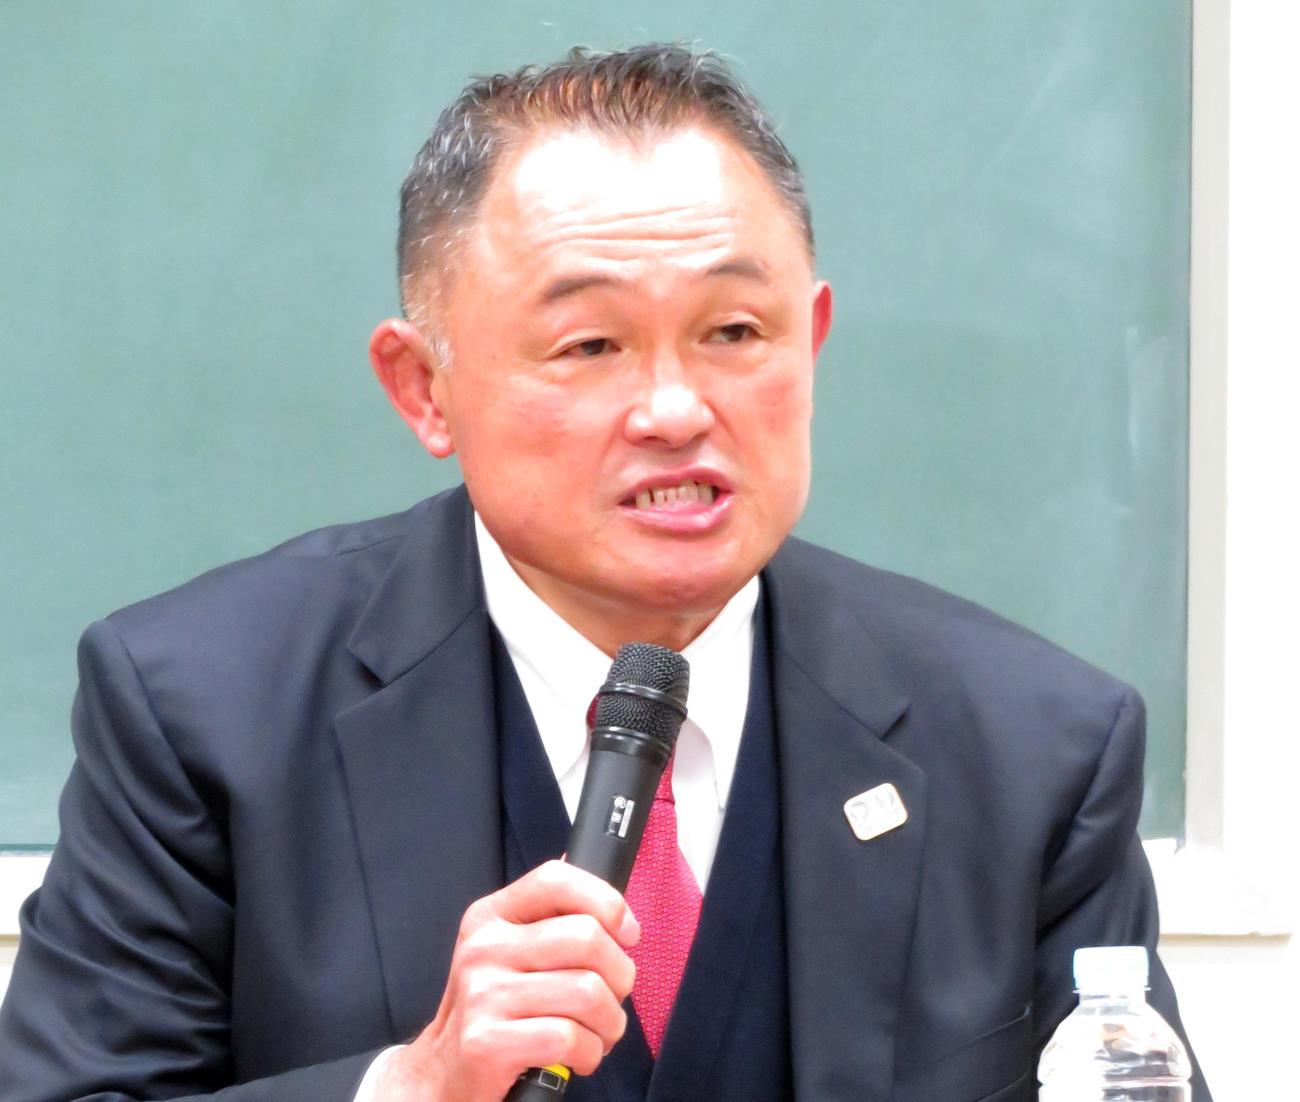 パワハラ騒動について説明する全日本柔道連盟の山下泰裕会長(20年2月26日)